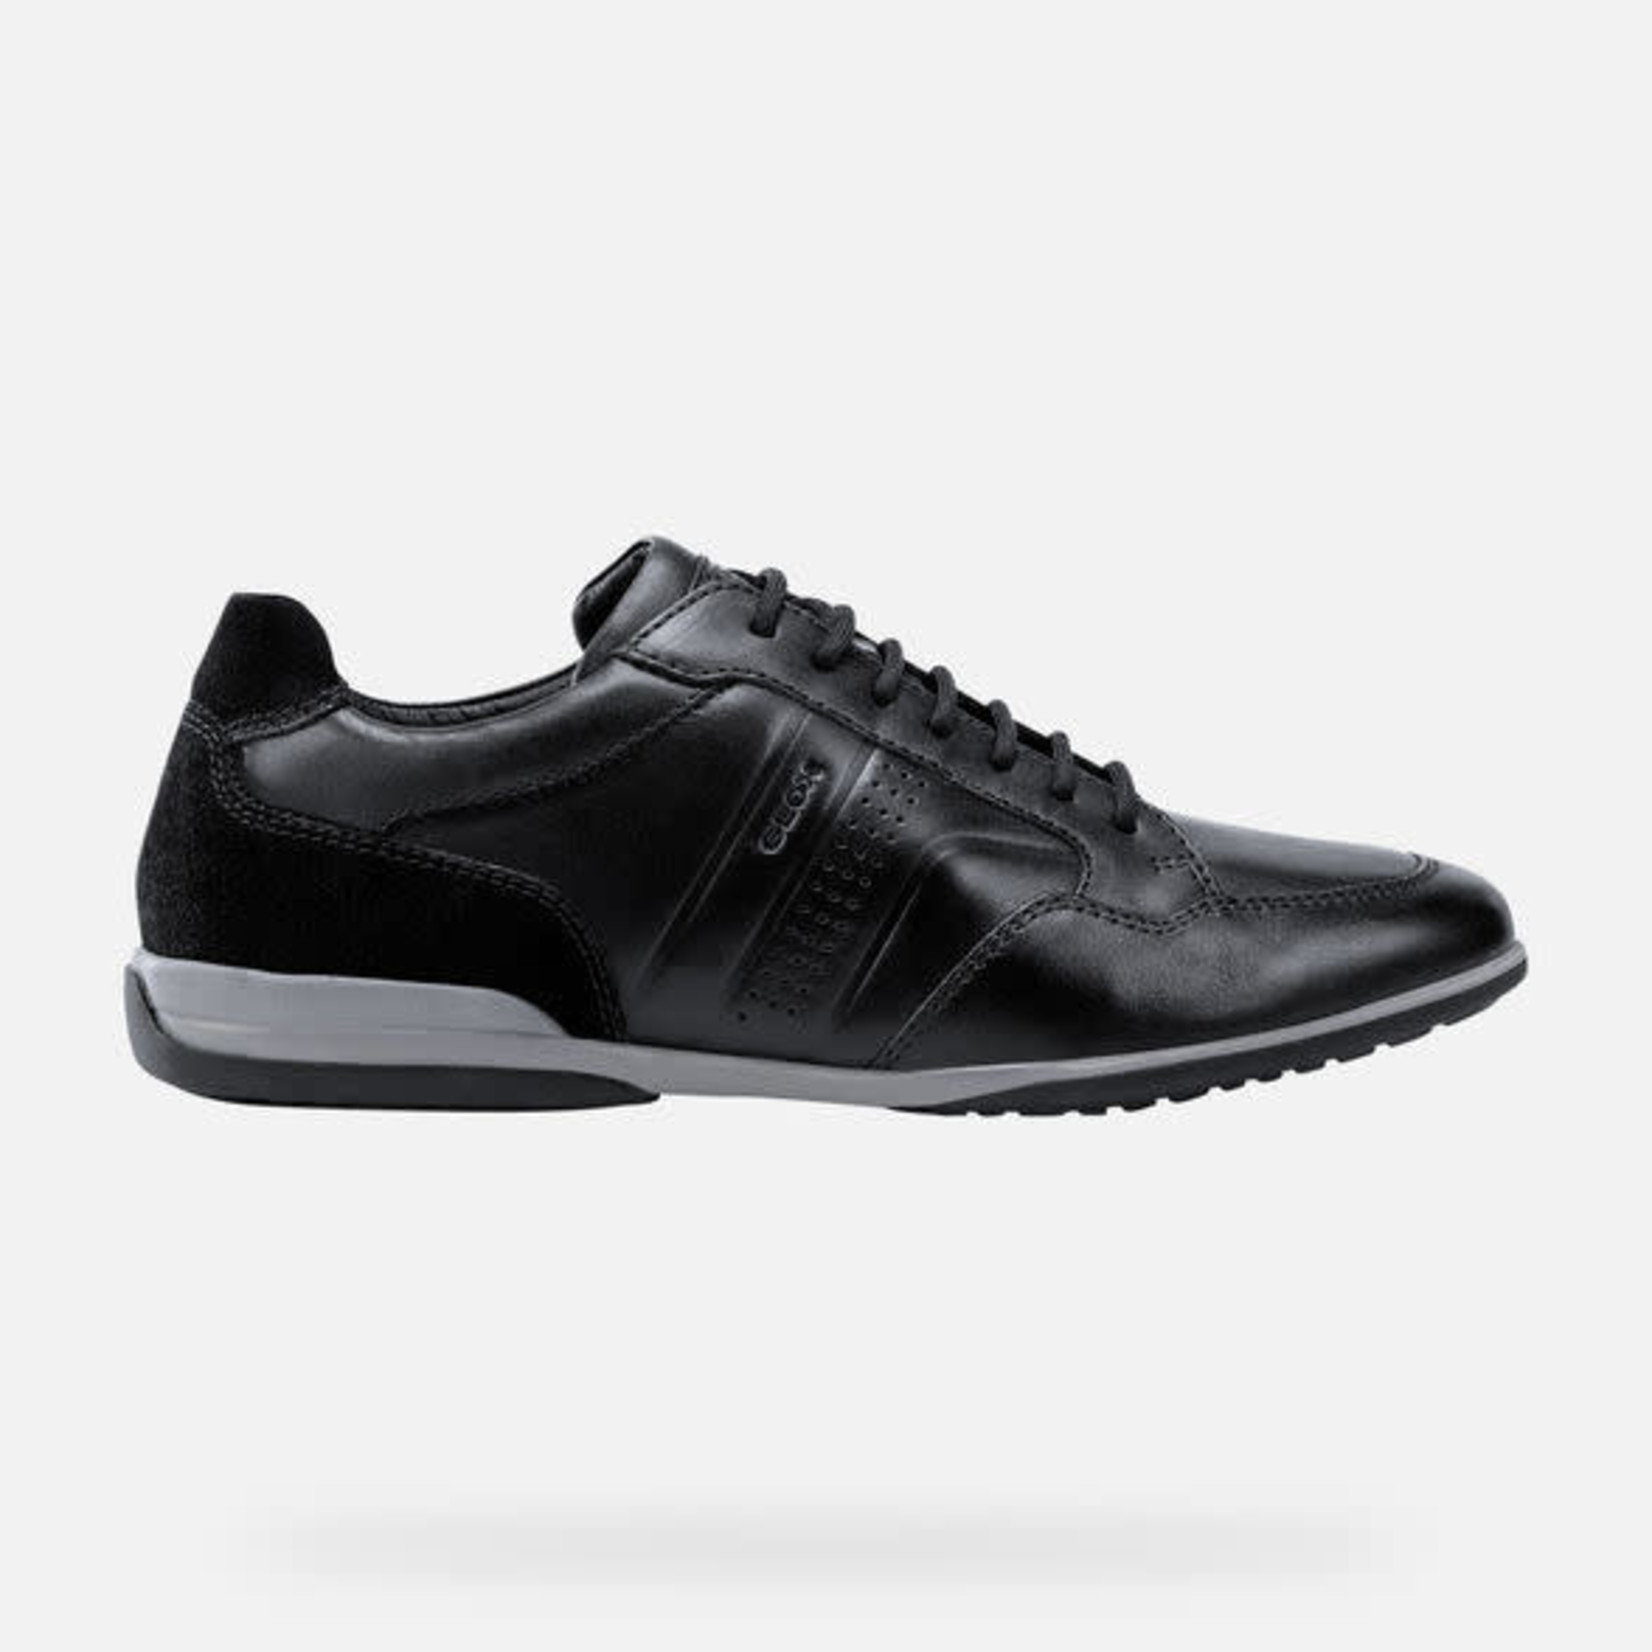 GEOX Geox - Men's Sneakers - U Timothy